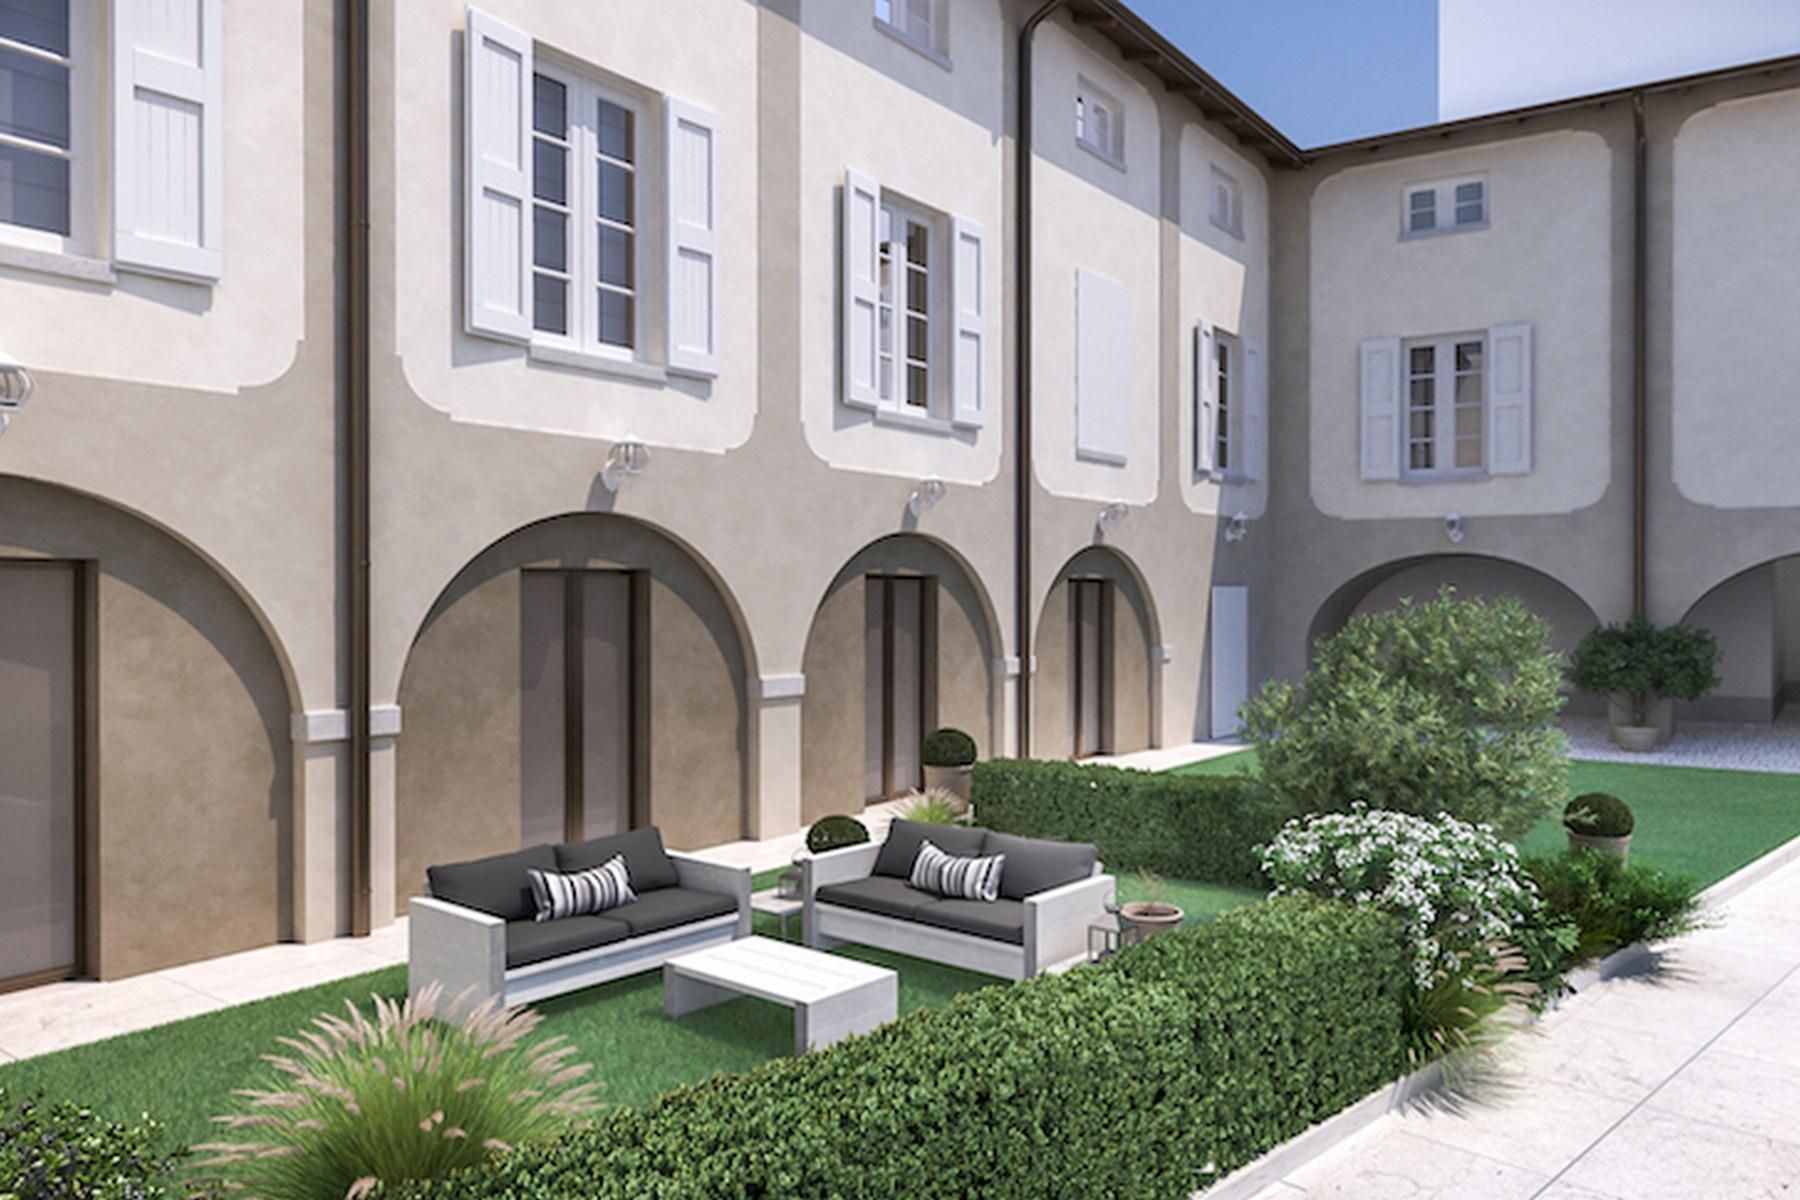 Magnifique penthouse dans un bâtiment historique au coeur de Desenzano del Garda - 10